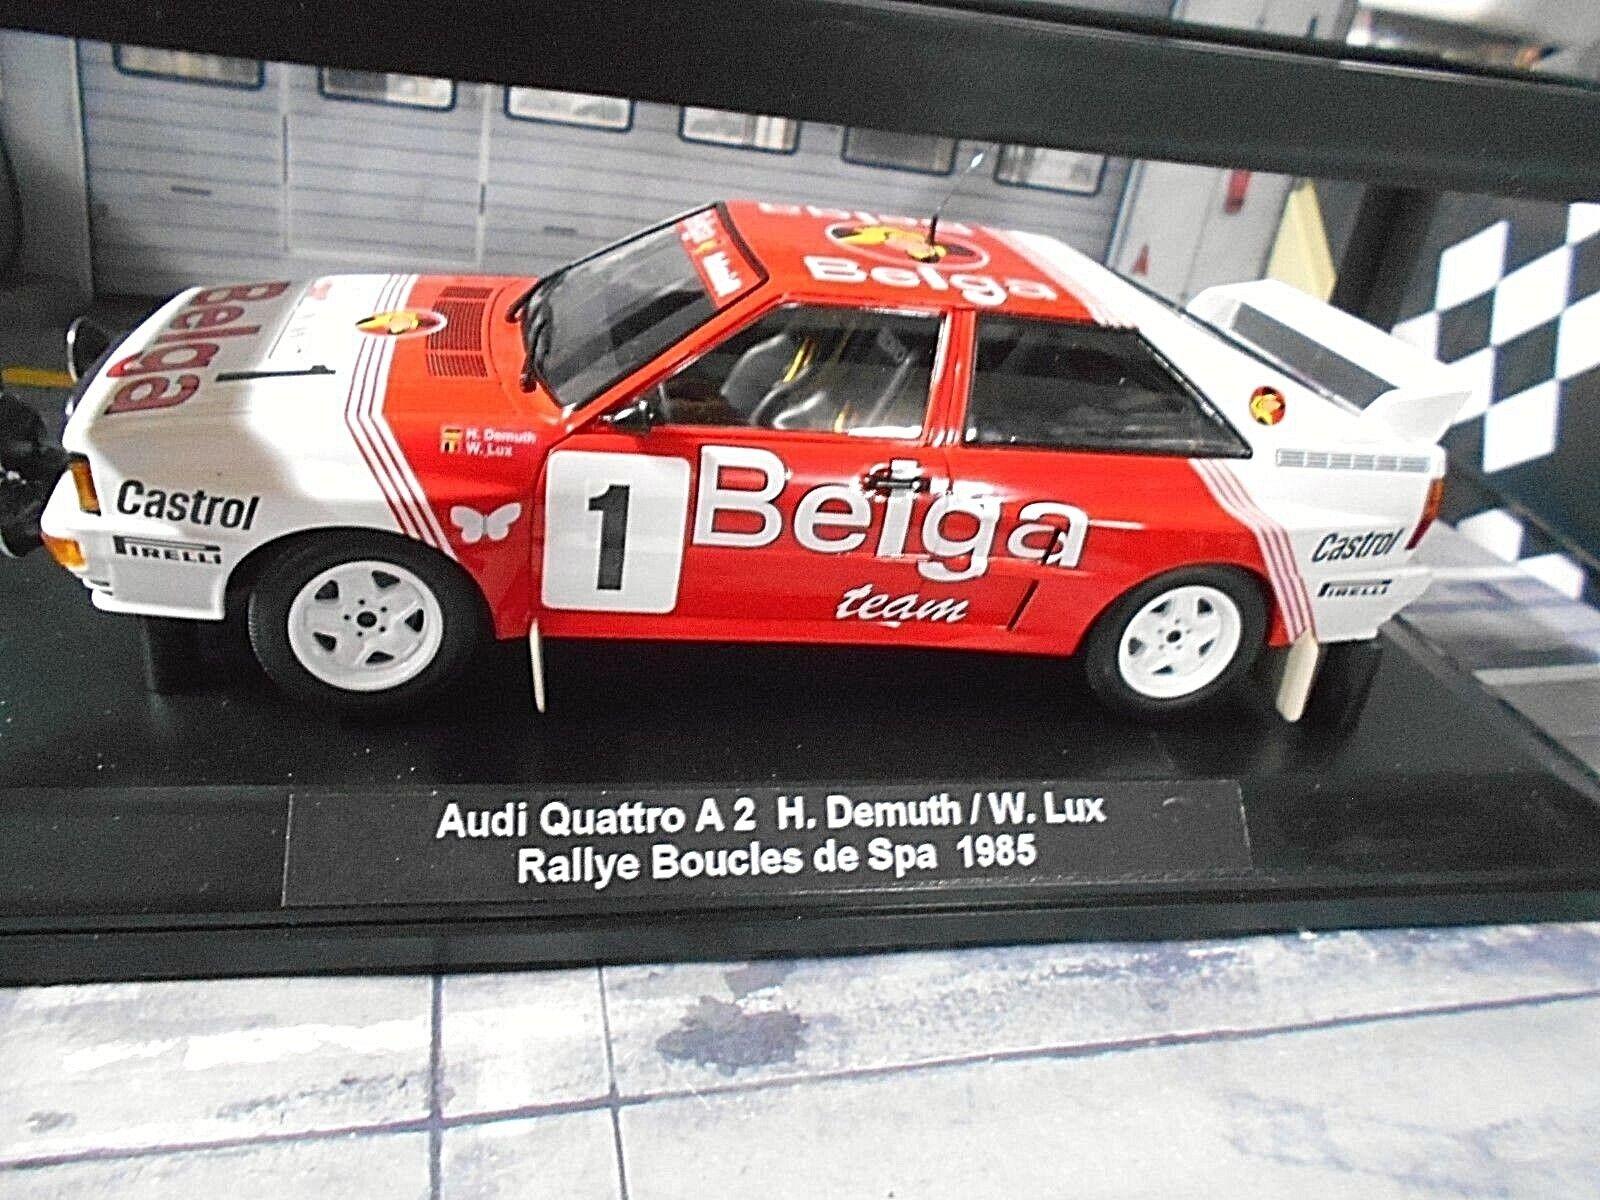 Audi Quattro Rallye Dimensione B a2 Boucles spa 1985 transformación Demufh luntad Minichamps 1 18